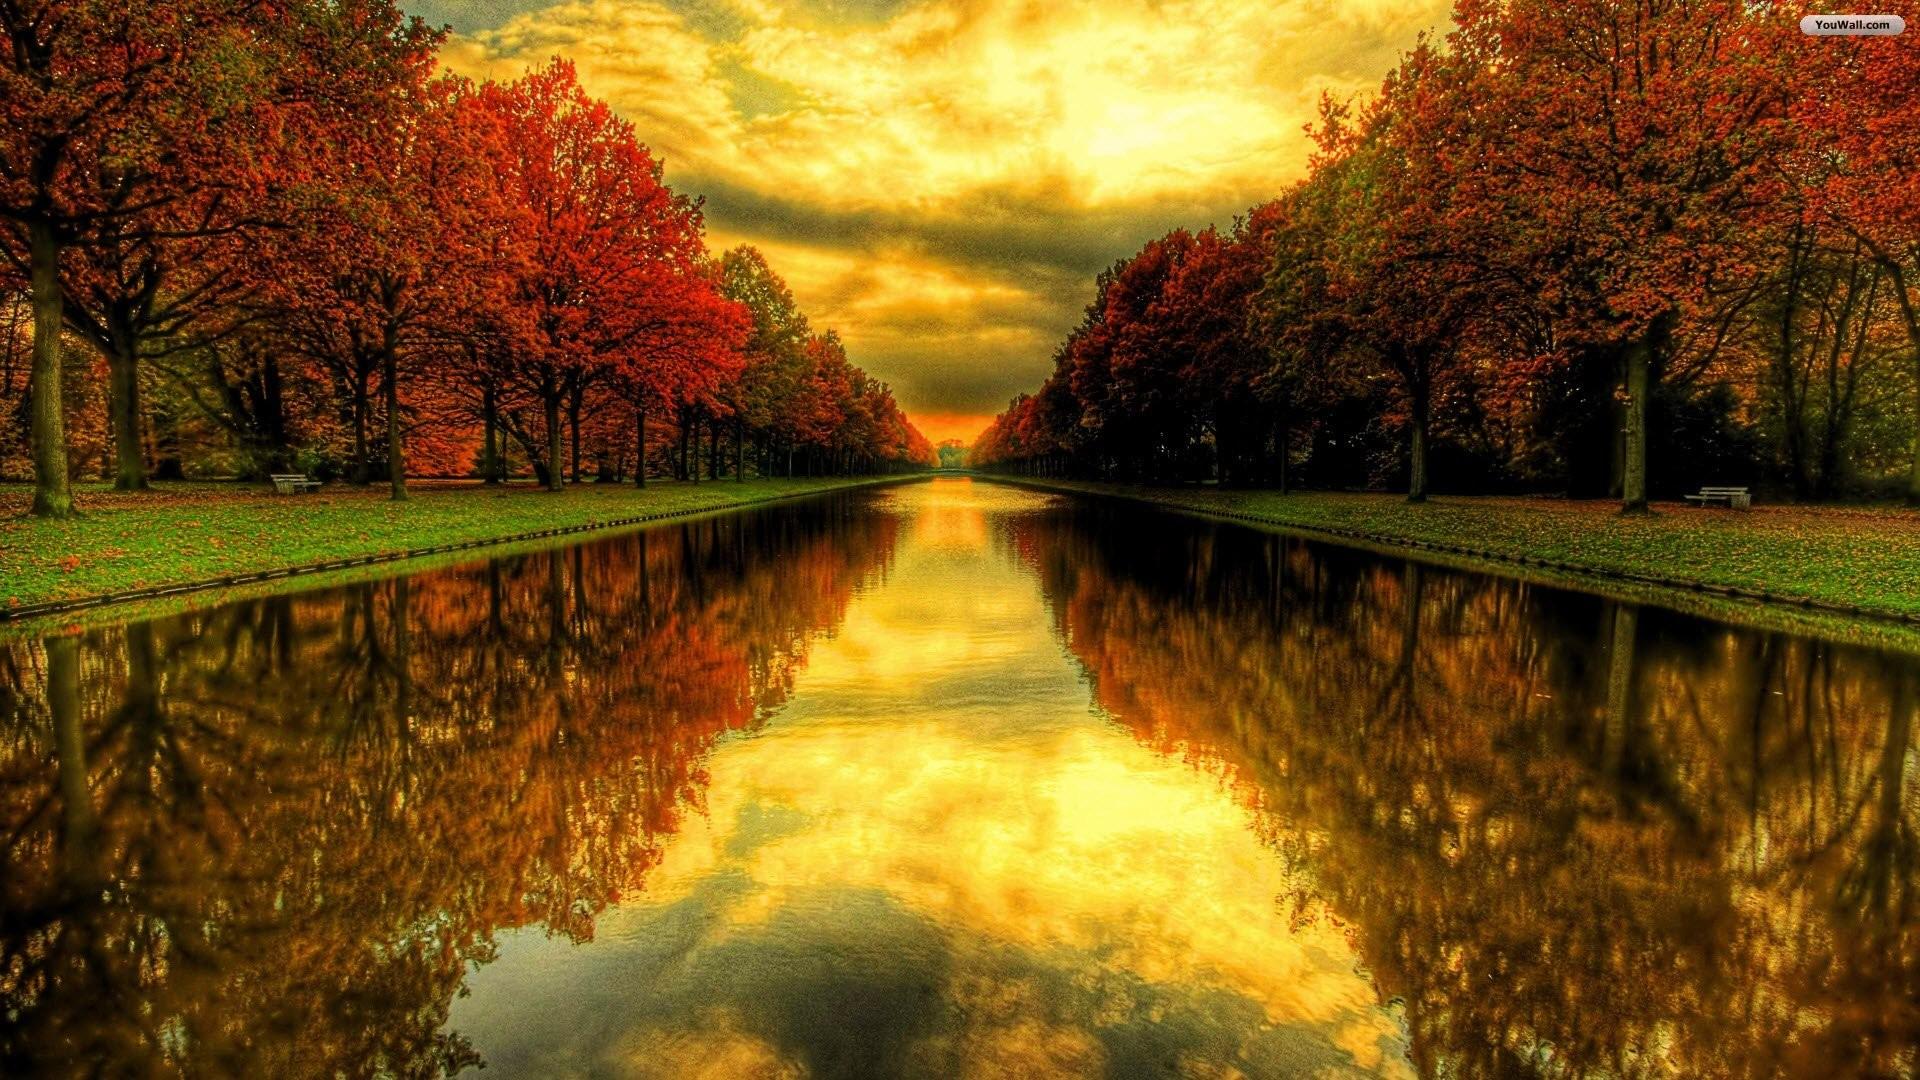 Autumn Backgrounds Wallpaper Widescreen